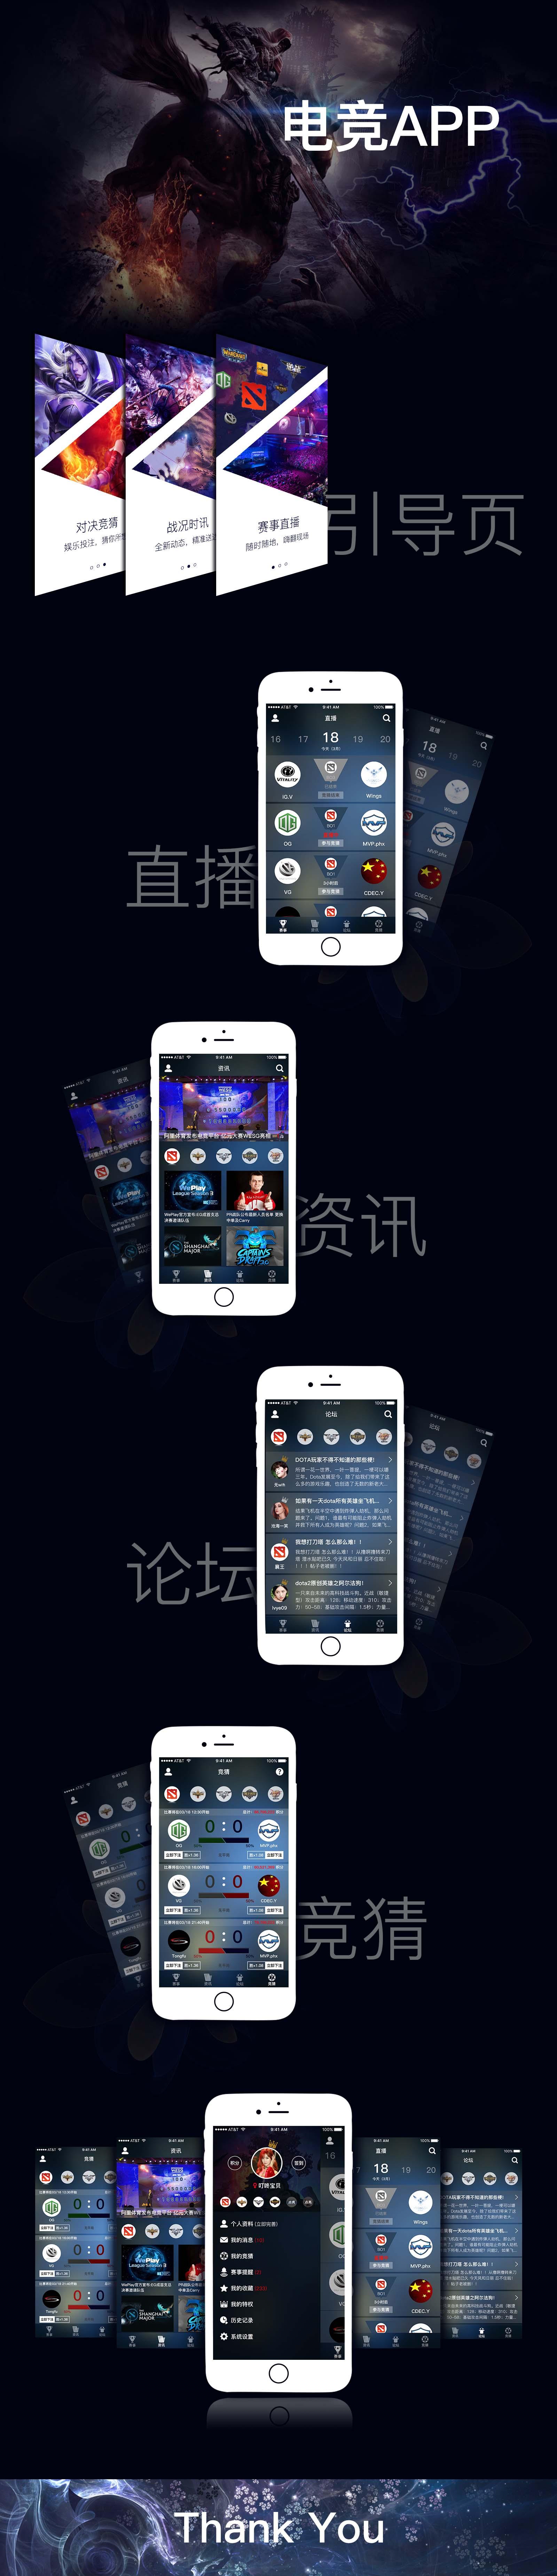 投入1亿元进军电子竞技的新闻,于是做一款电竞相关的app……哈哈